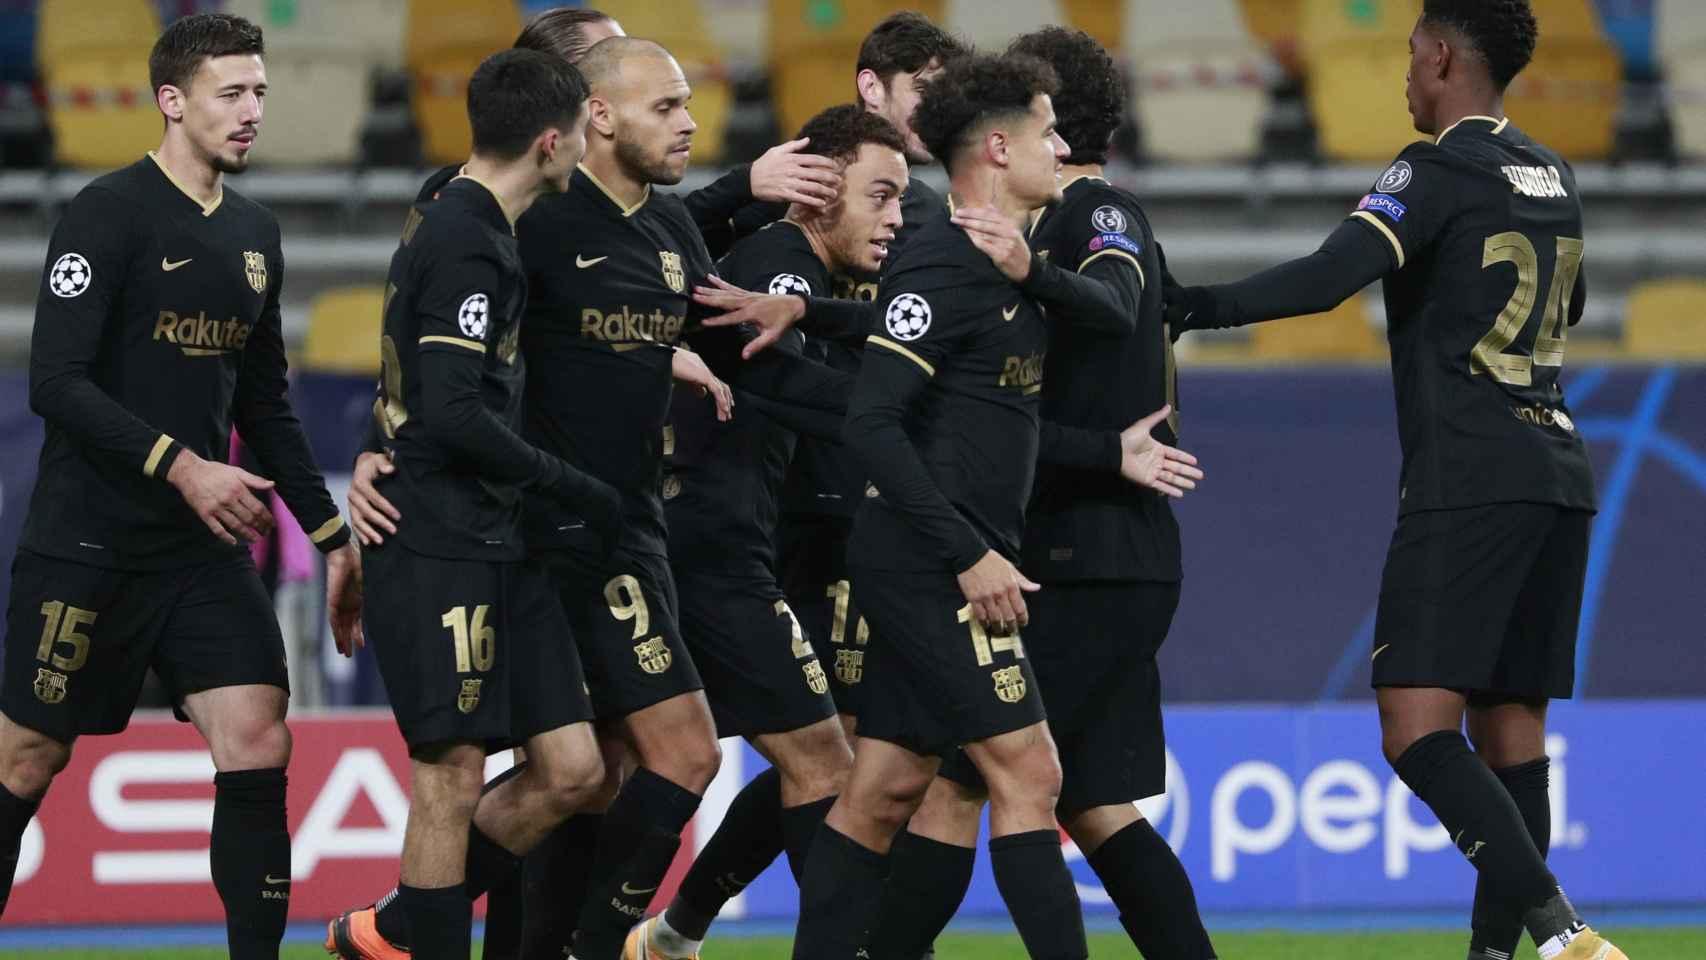 Piña de los jugadores del Barcelona para celebrar el gol ante el Dinamo de Kiev